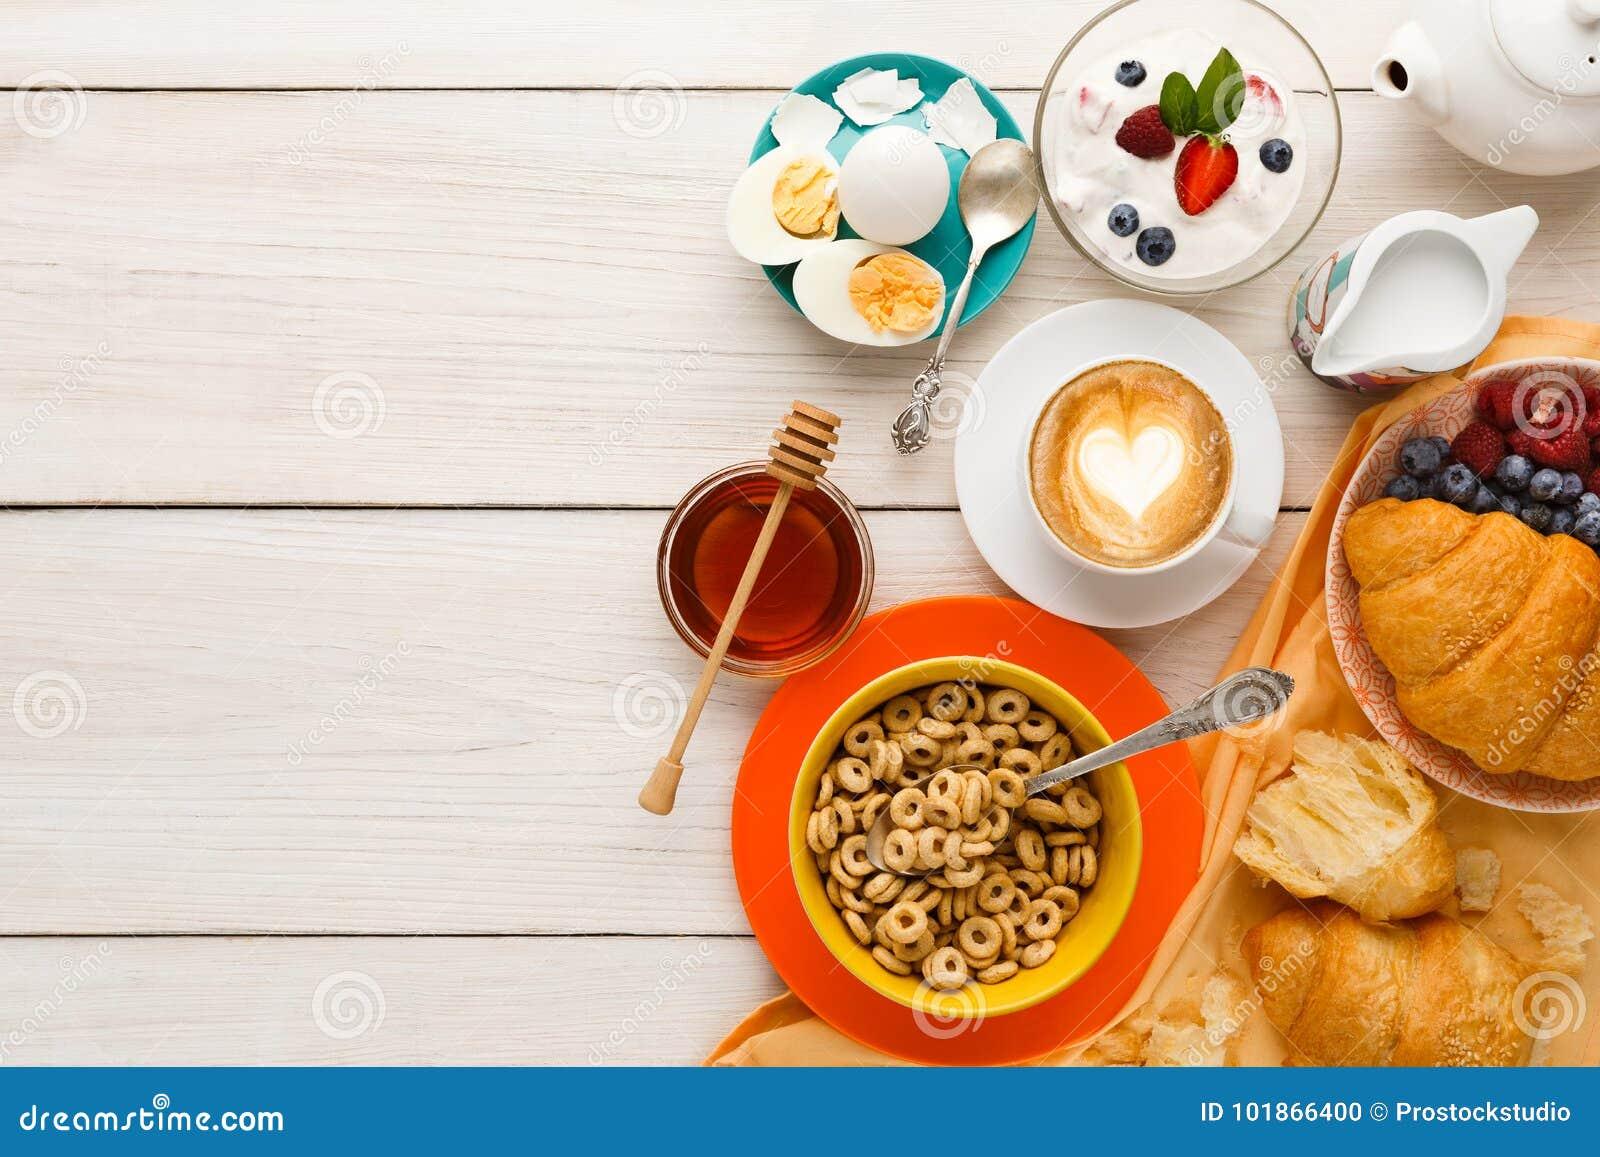 Fond riche de menu de petit déjeuner Croissants, muesli, yaourt, café,  baies, miel et oeufs à la coque croustillants français pour les repas  savoureux de ... bb4ce44f1ce2